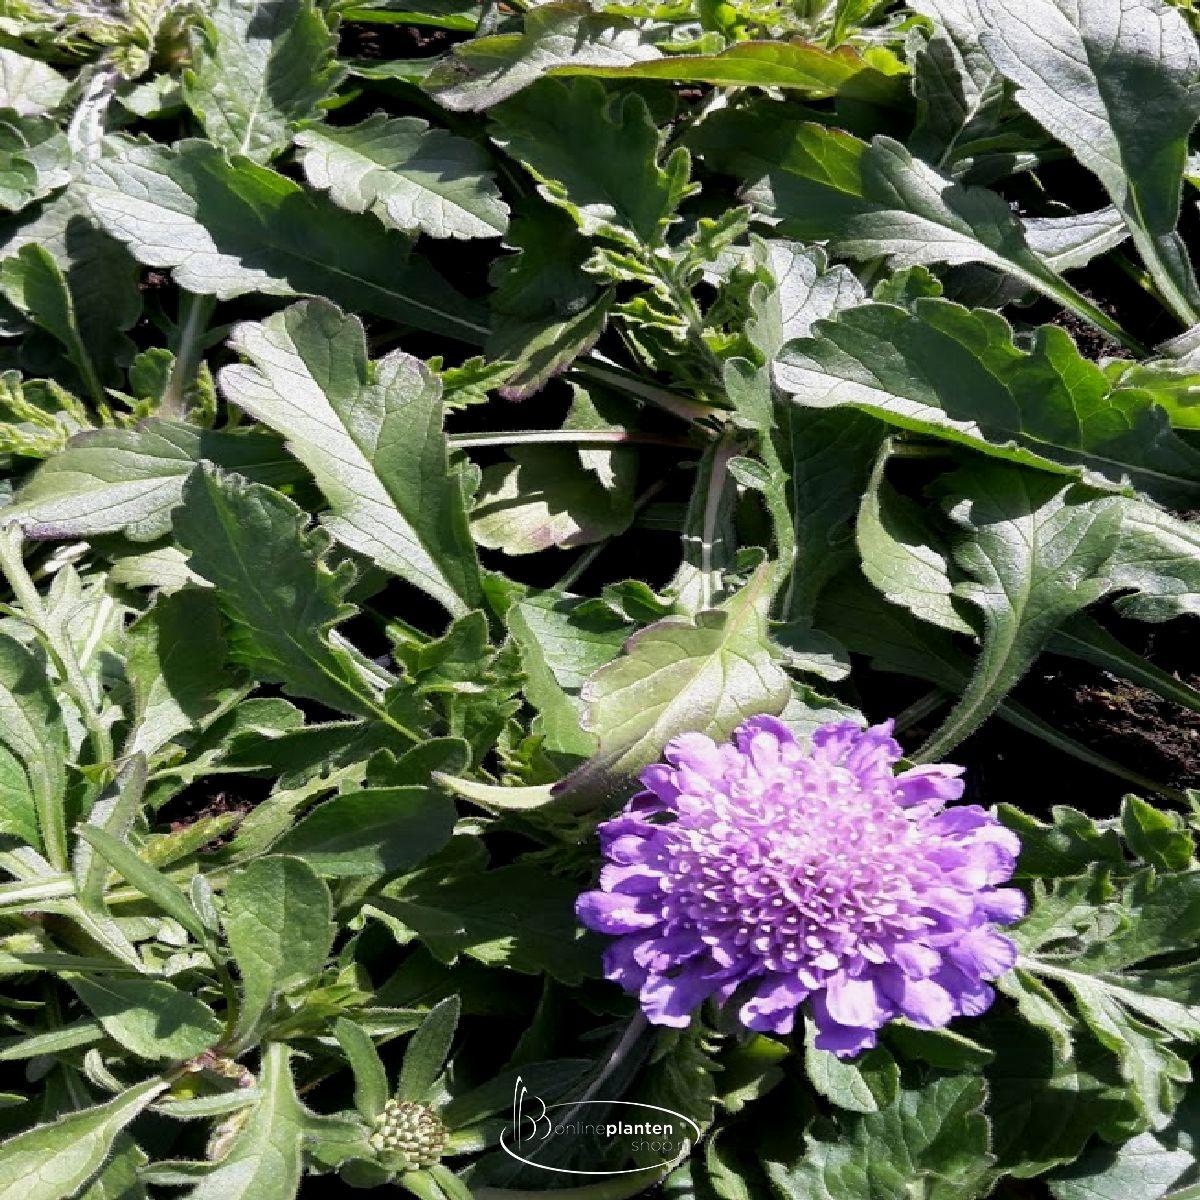 Scabiosa columbaria 'Butterfly Blue' - Duifkruid